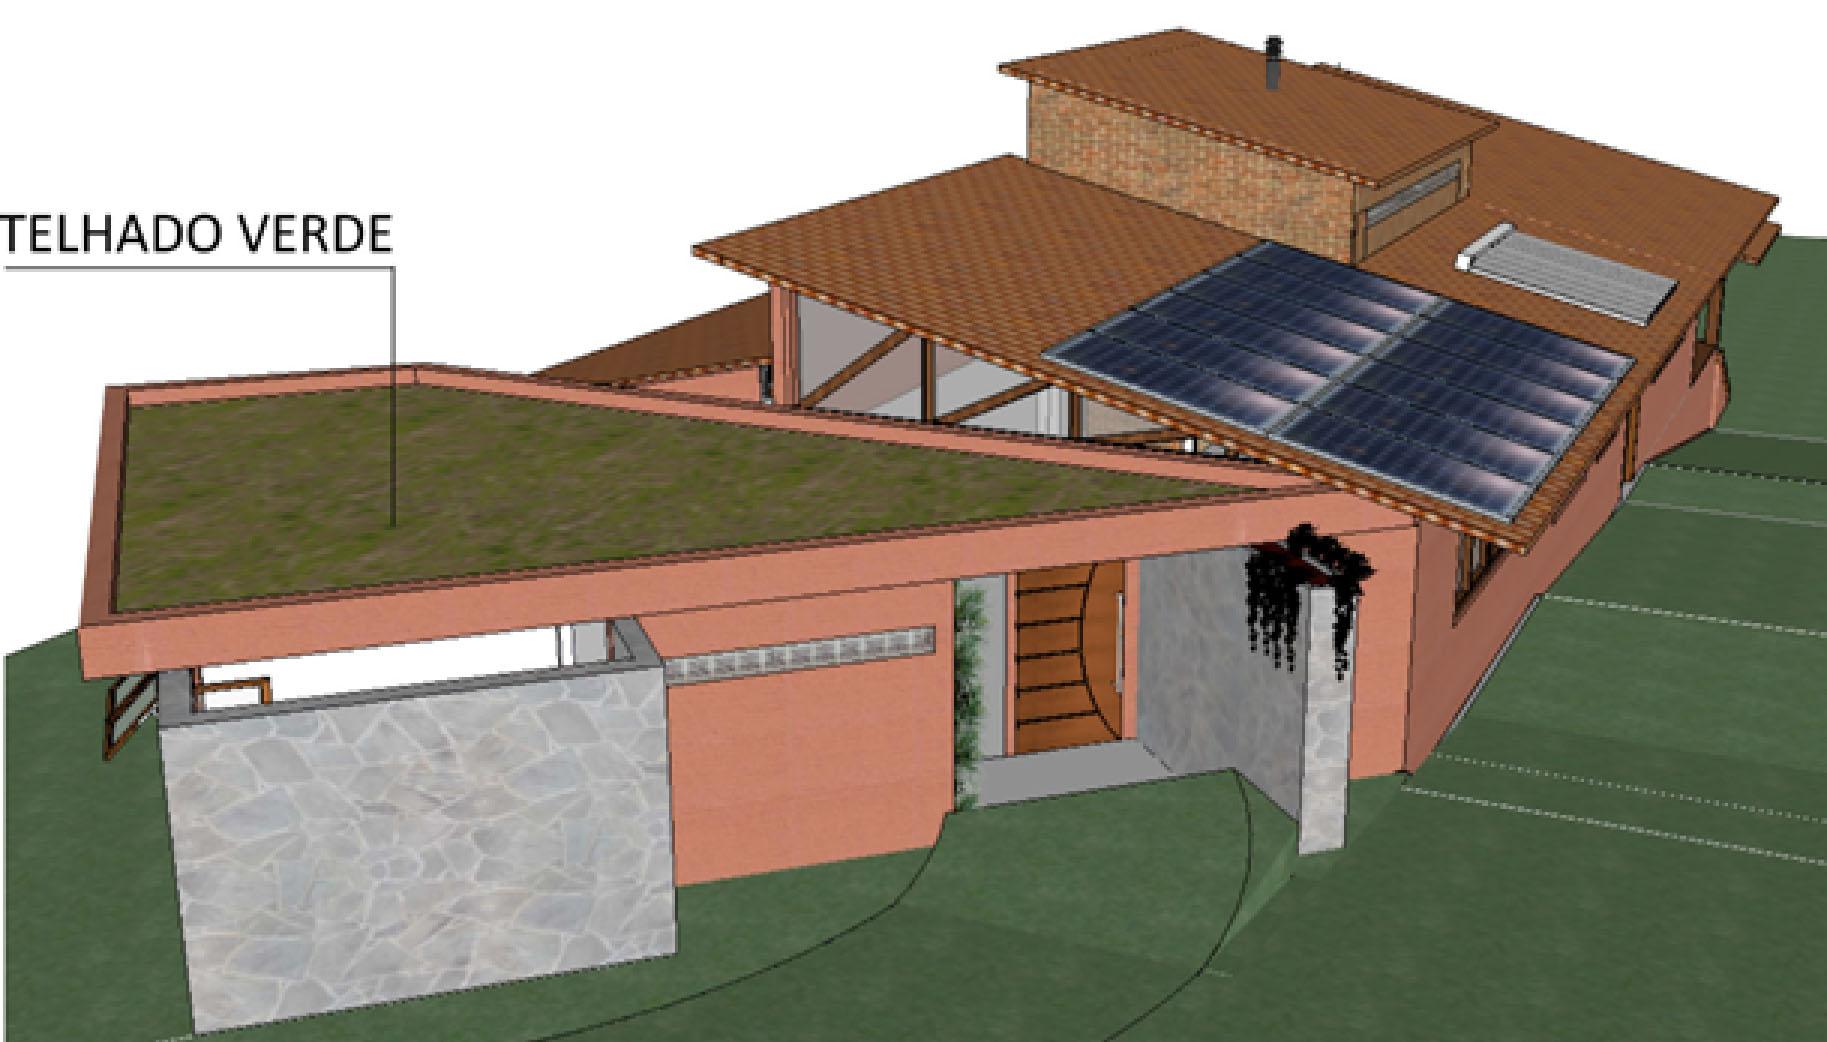 arquitetura-sustentavel-telhado-verde-perspectiva